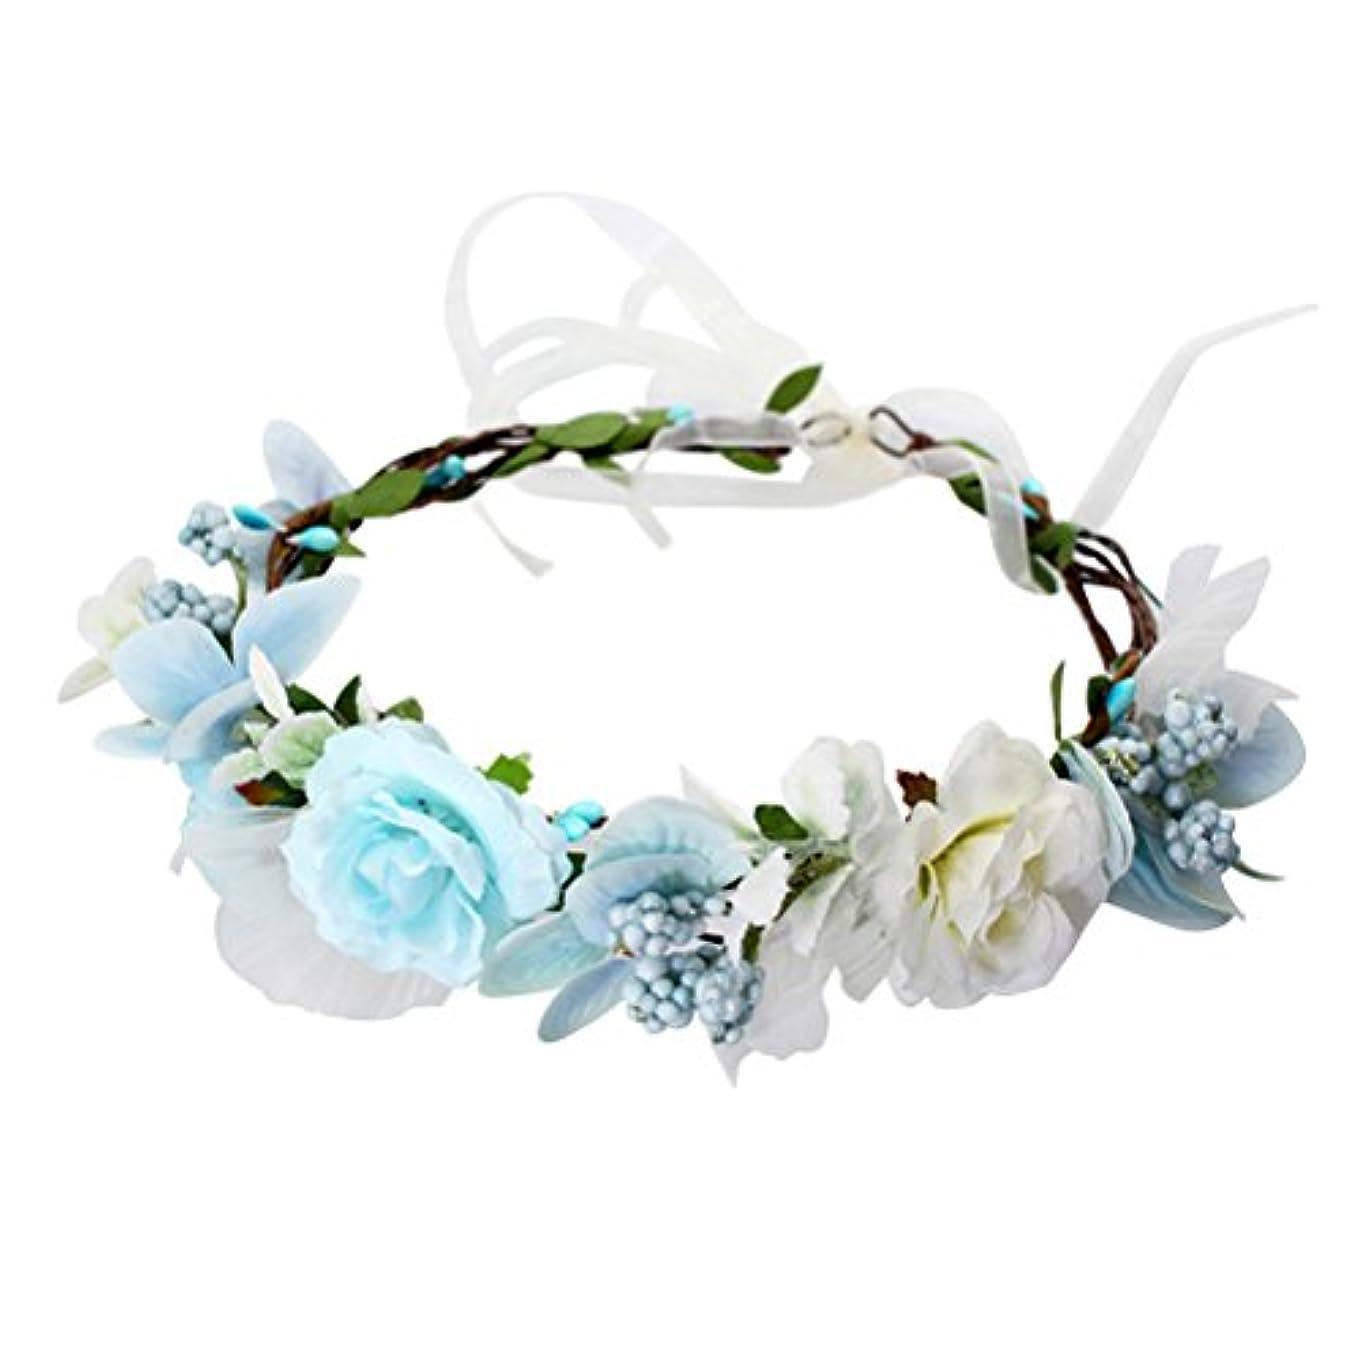 連邦汚物スカリーWINOMO 花かんむり 花冠 花飾り ヘアアクセサリー ブライダル ウェディング 結婚式 花嫁 写真 発表会